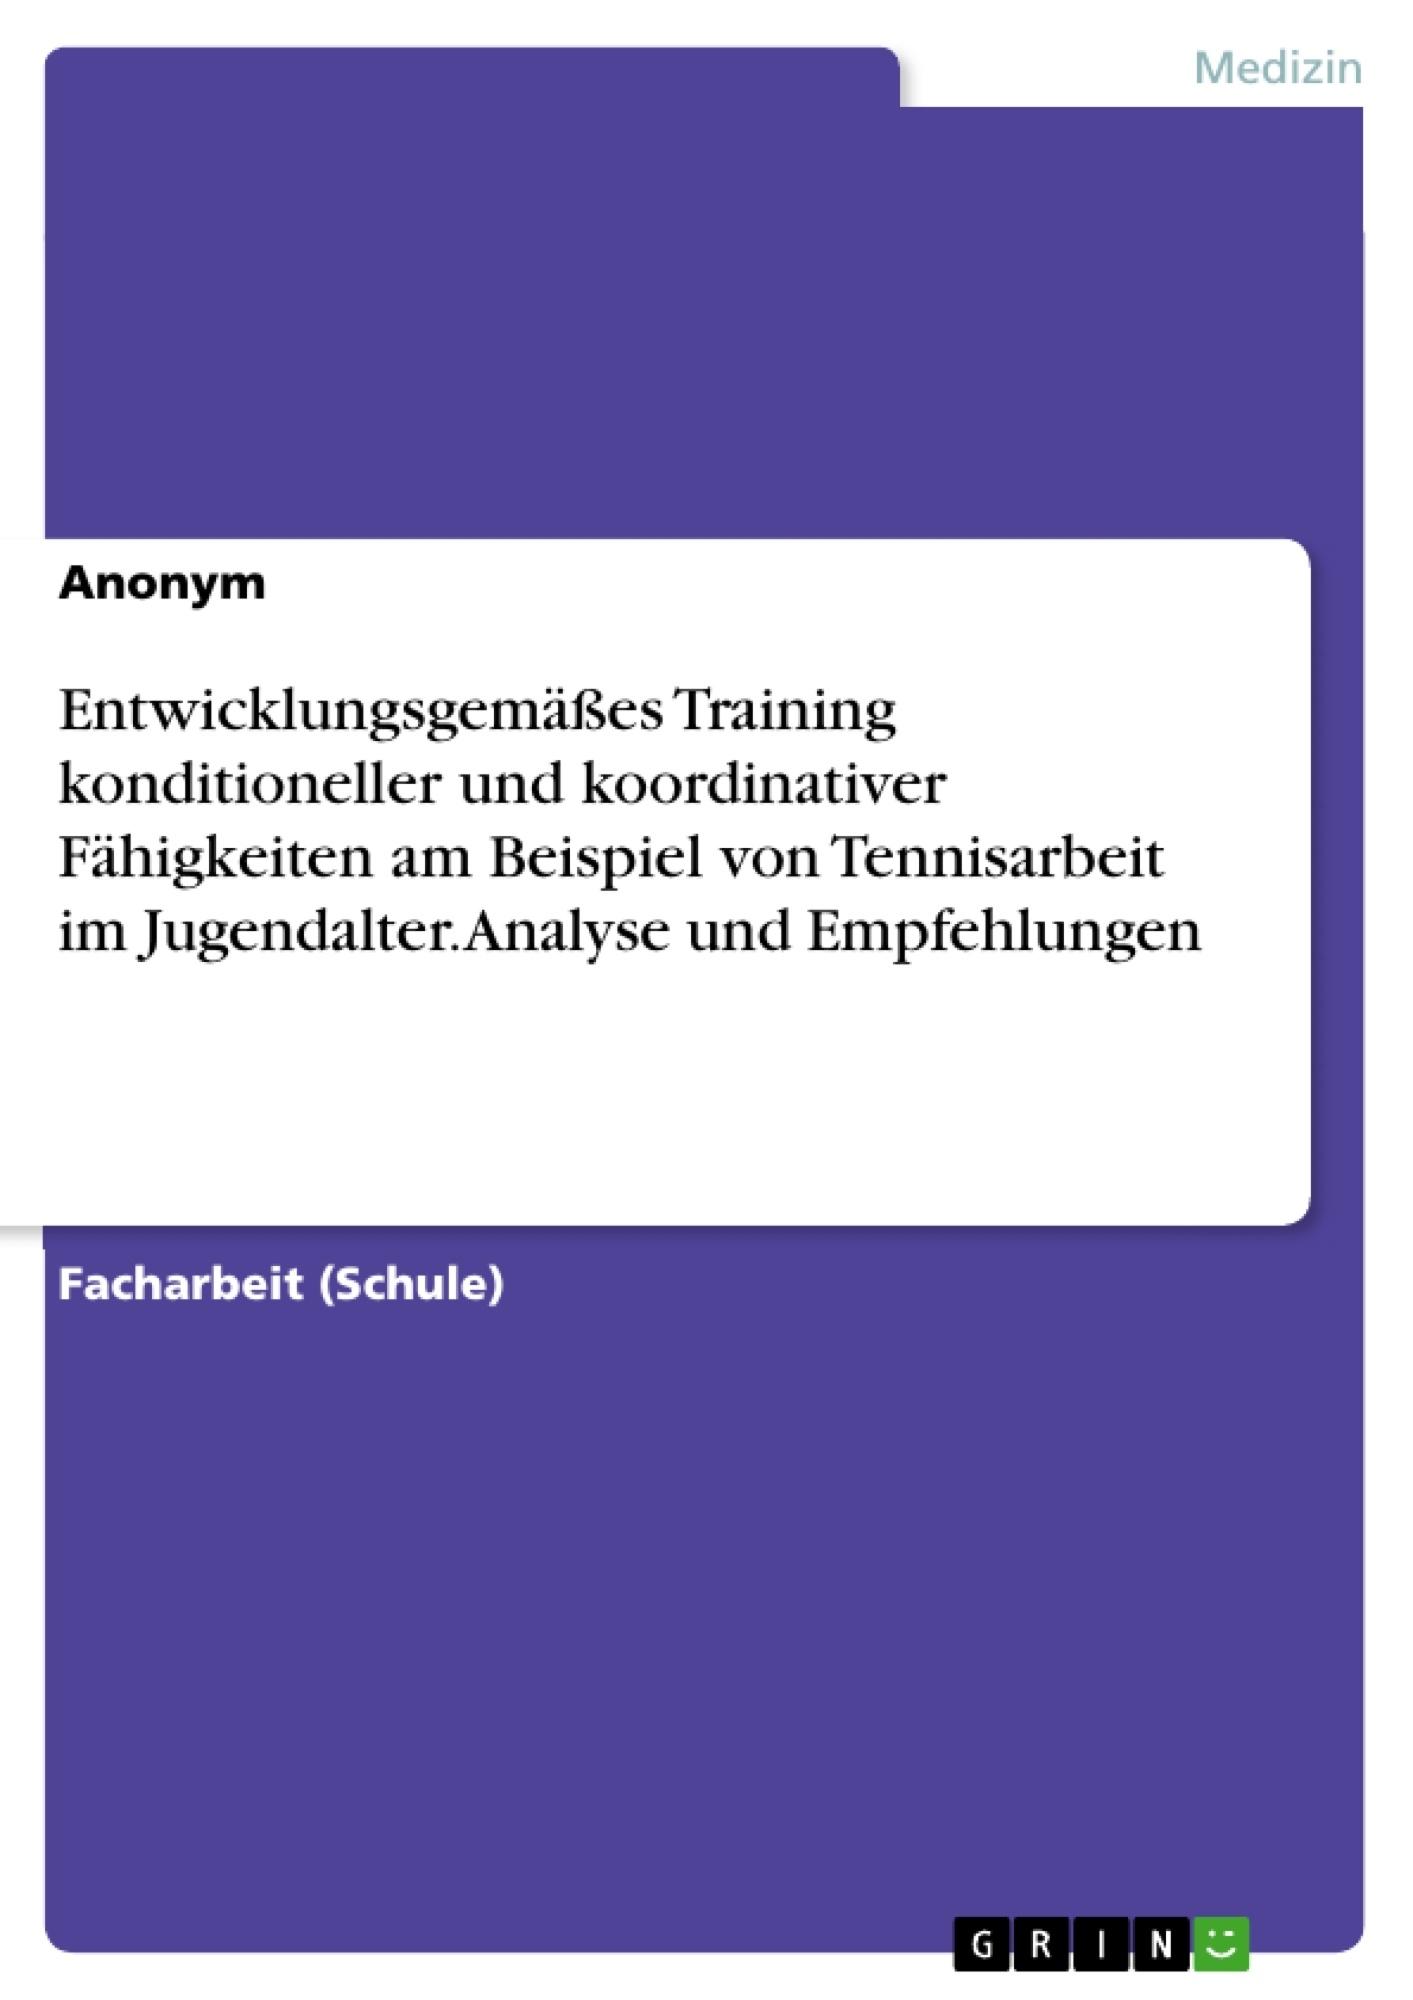 Titel: Entwicklungsgemäßes Training konditioneller und koordinativer Fähigkeiten am Beispiel von Tennisarbeit im Jugendalter. Analyse und Empfehlungen